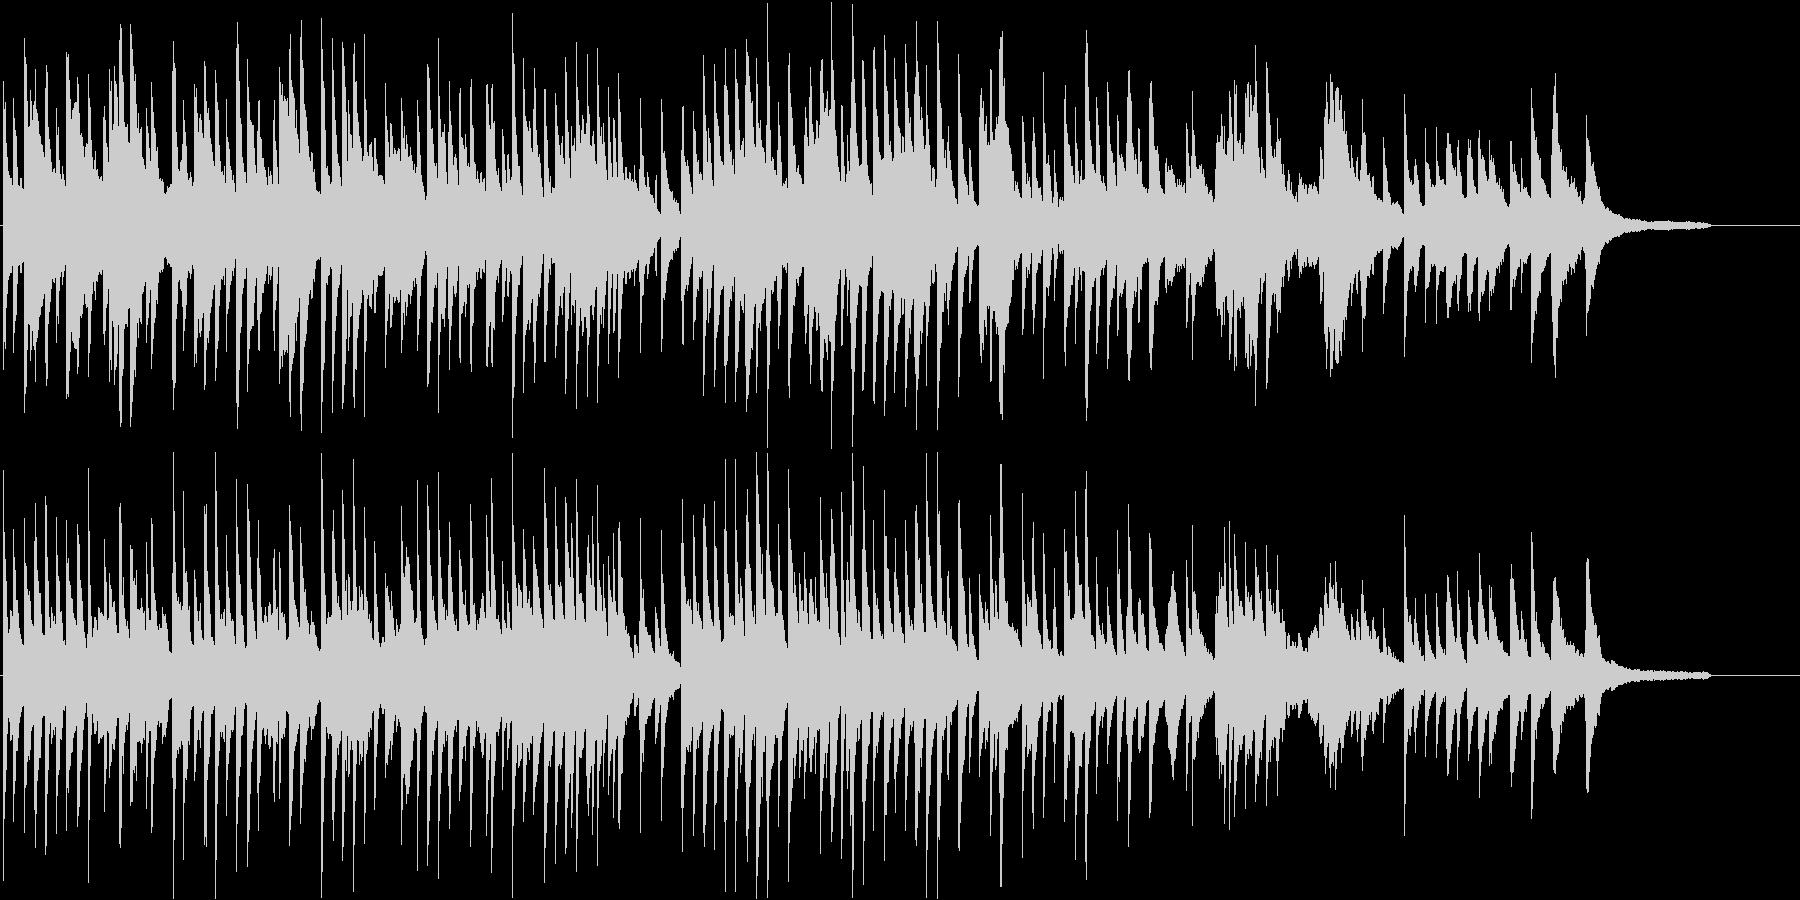 希望を感じさせるピアノ曲の未再生の波形